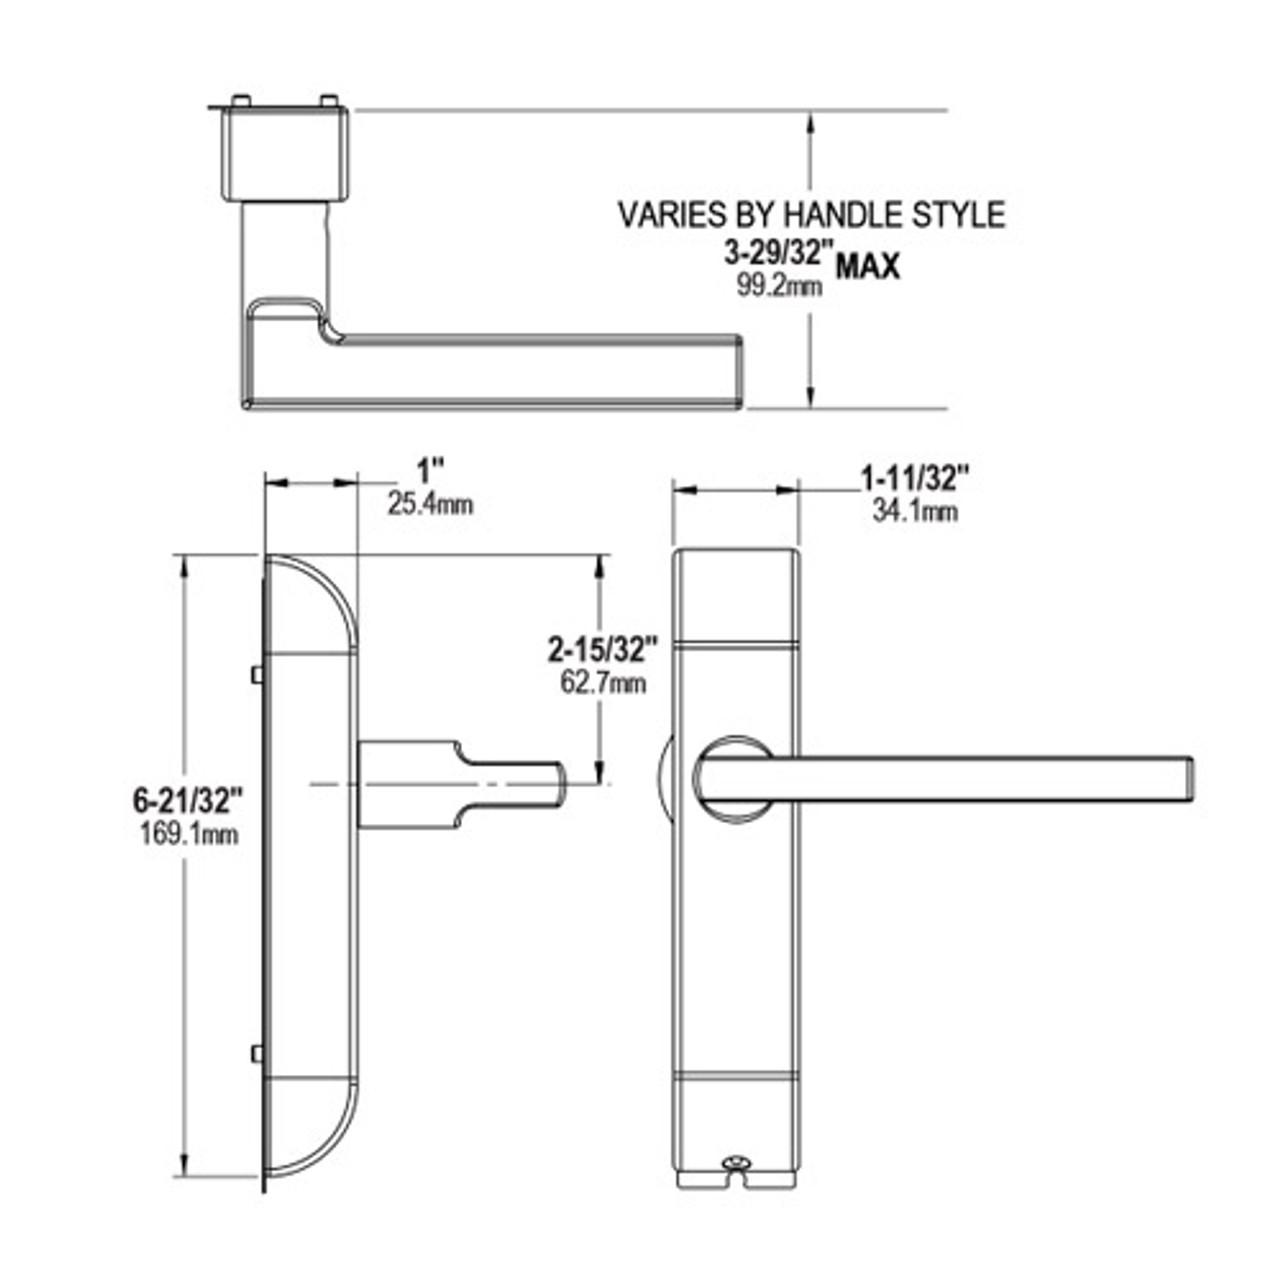 4600M-ME-632-US3 Adams Rite ME Designer handle Dimensional View